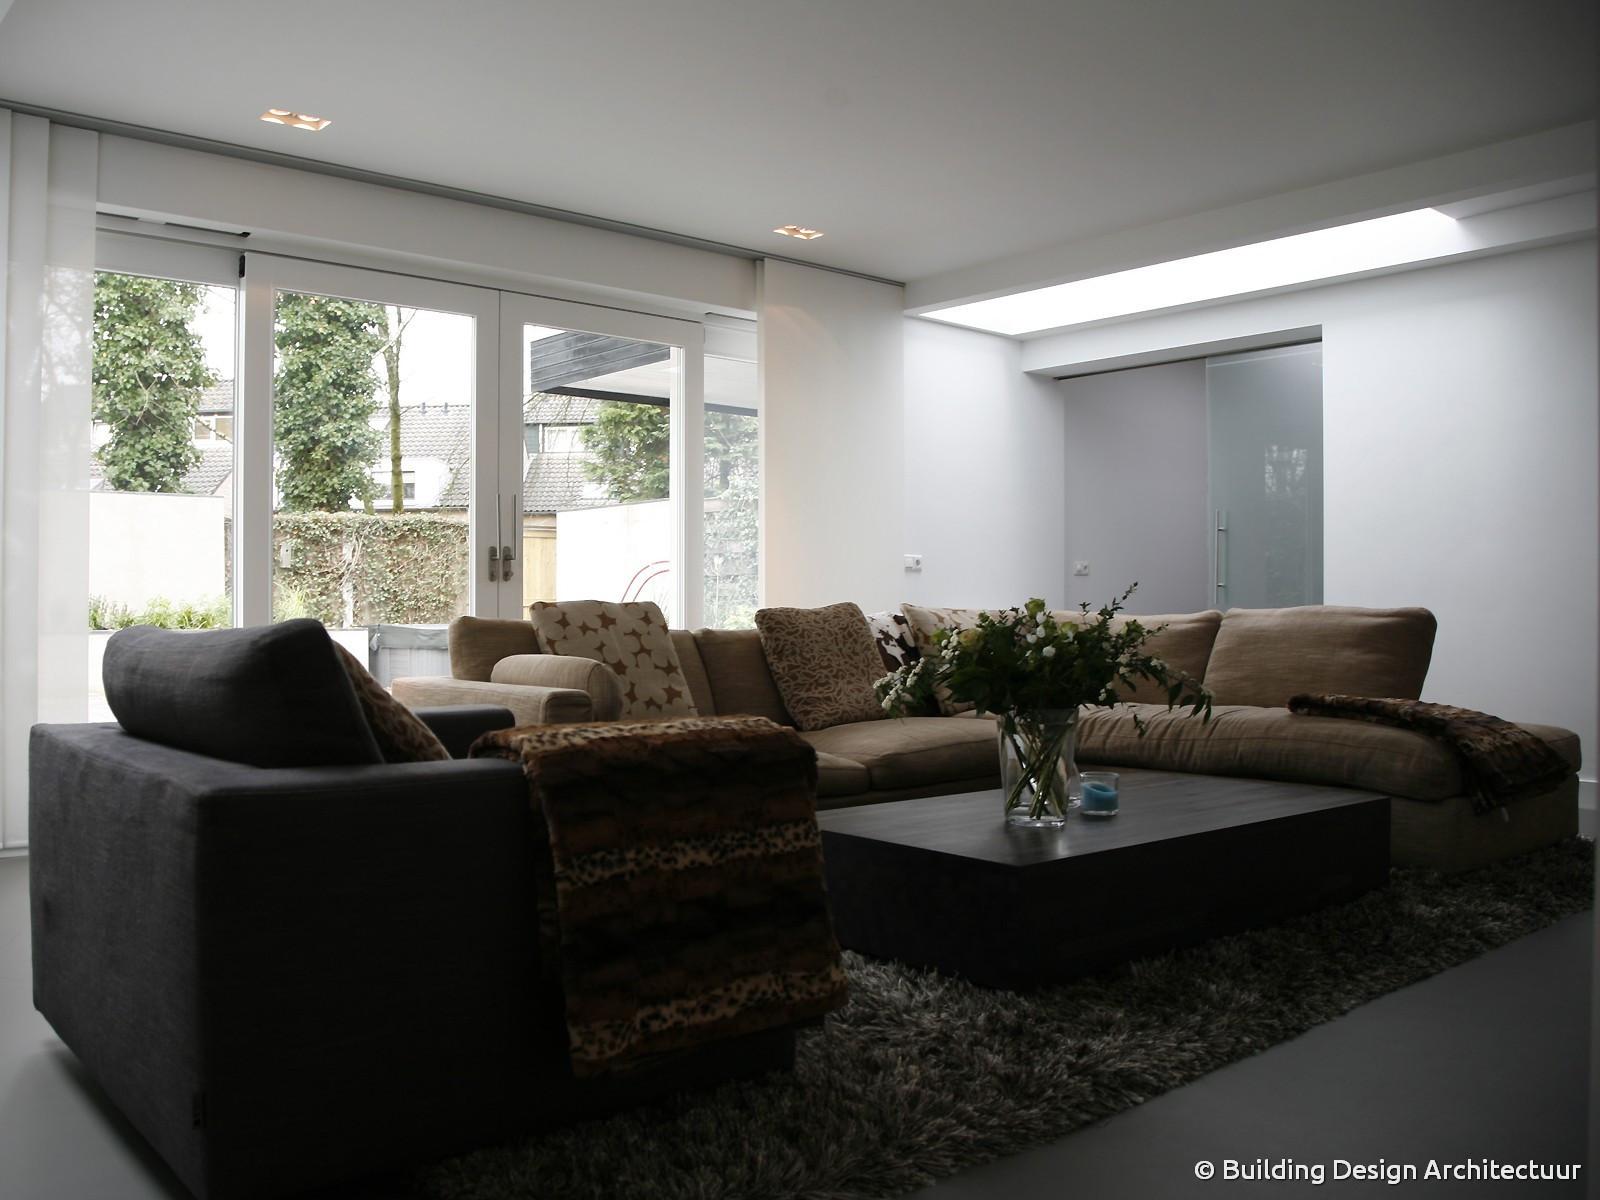 https://s3-eu-west-1.amazonaws.com/building-design/projecten/0053-11-090_inrichten-woonkamer_oldenzaal_L3.jpg